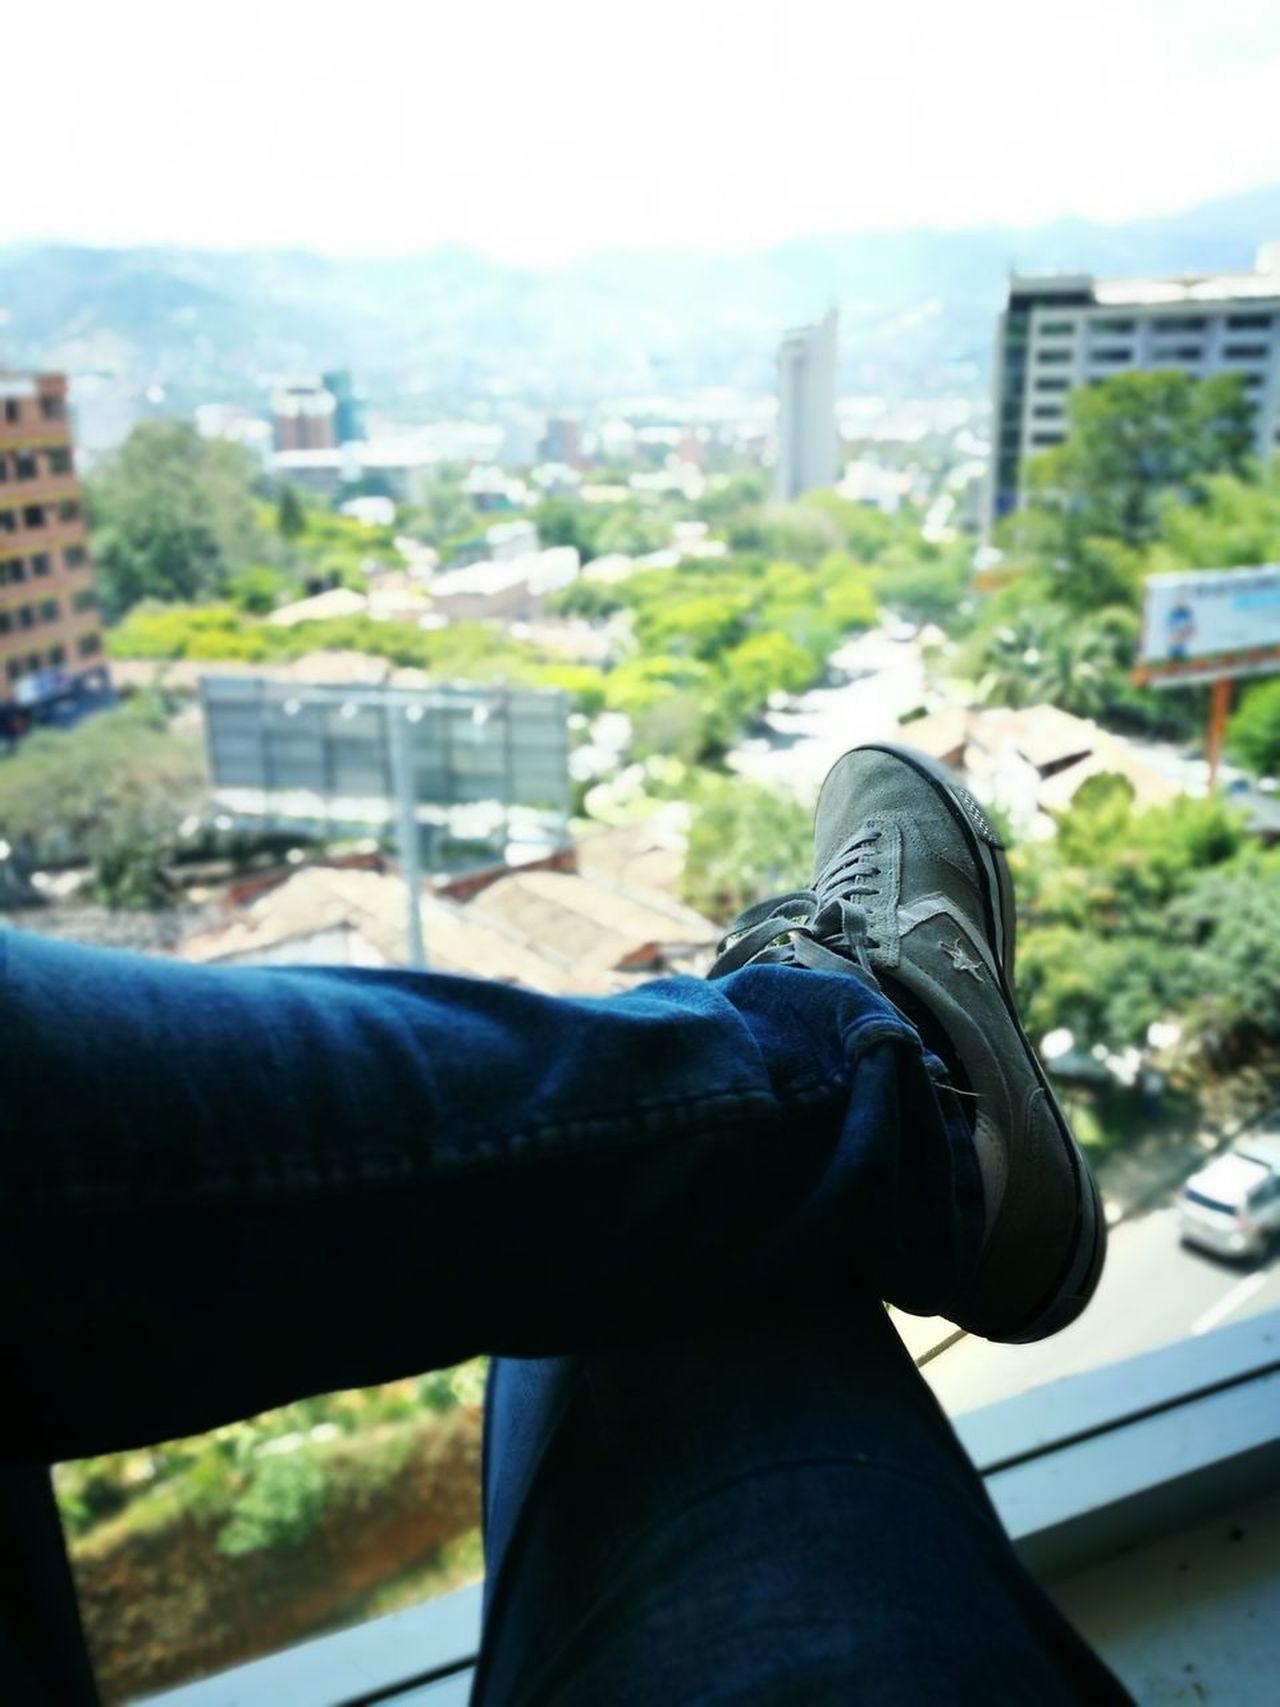 Los lugares bellos no siempre se ven de la misma manera dos veces - The spot! Medellín Poblado Coffee Time